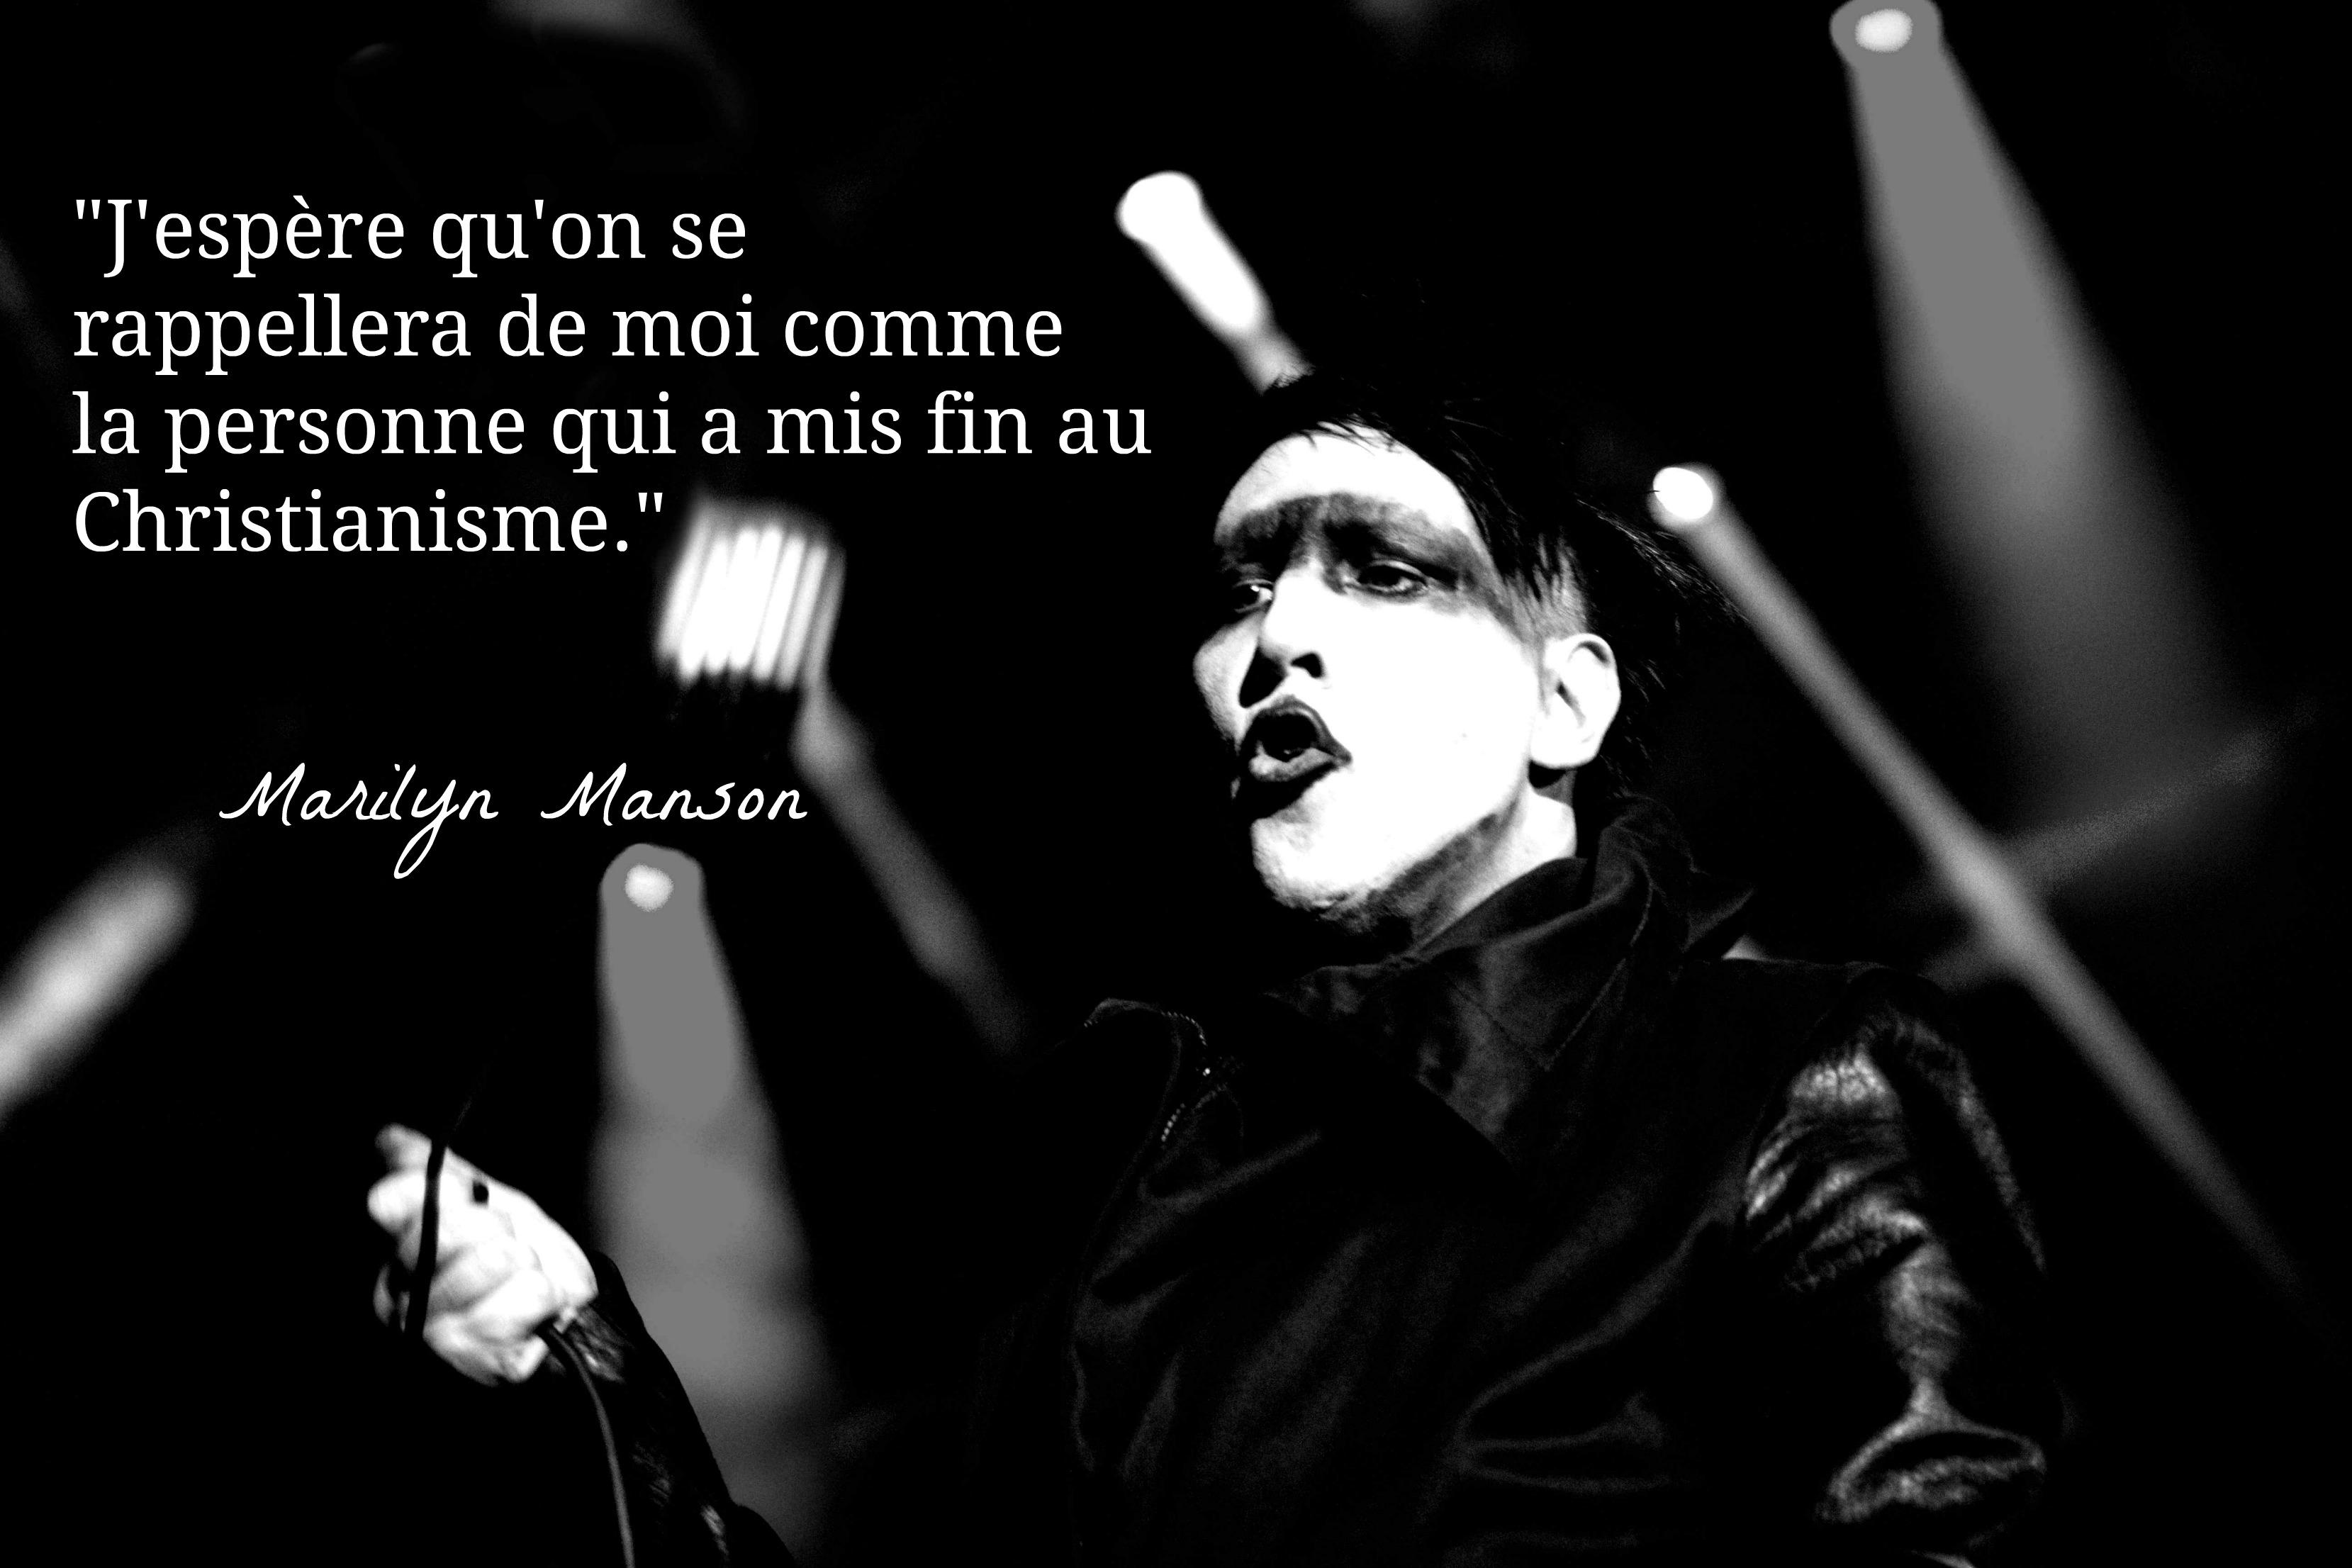 Top 10 des citations inspirantes de Marilyn Manson | Topito